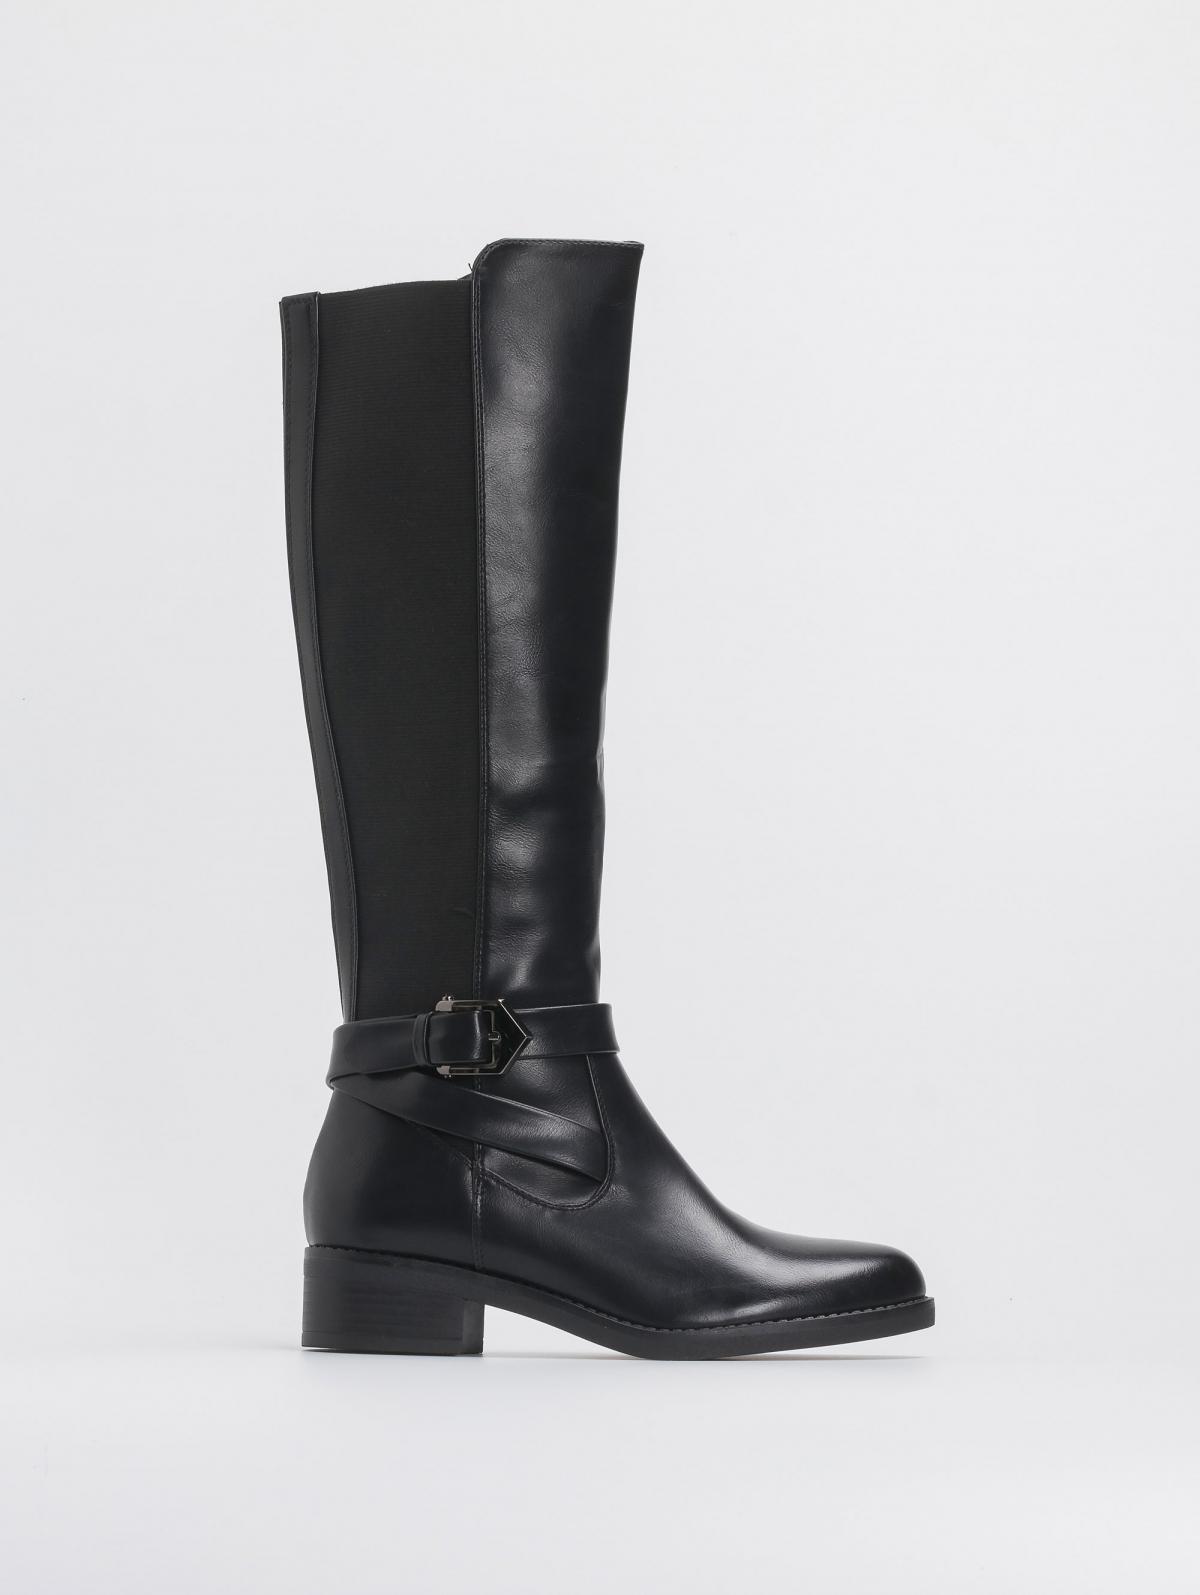 Μπότες τύπου ιππασίας με χιαστί ζωνάκι - Μαύρο